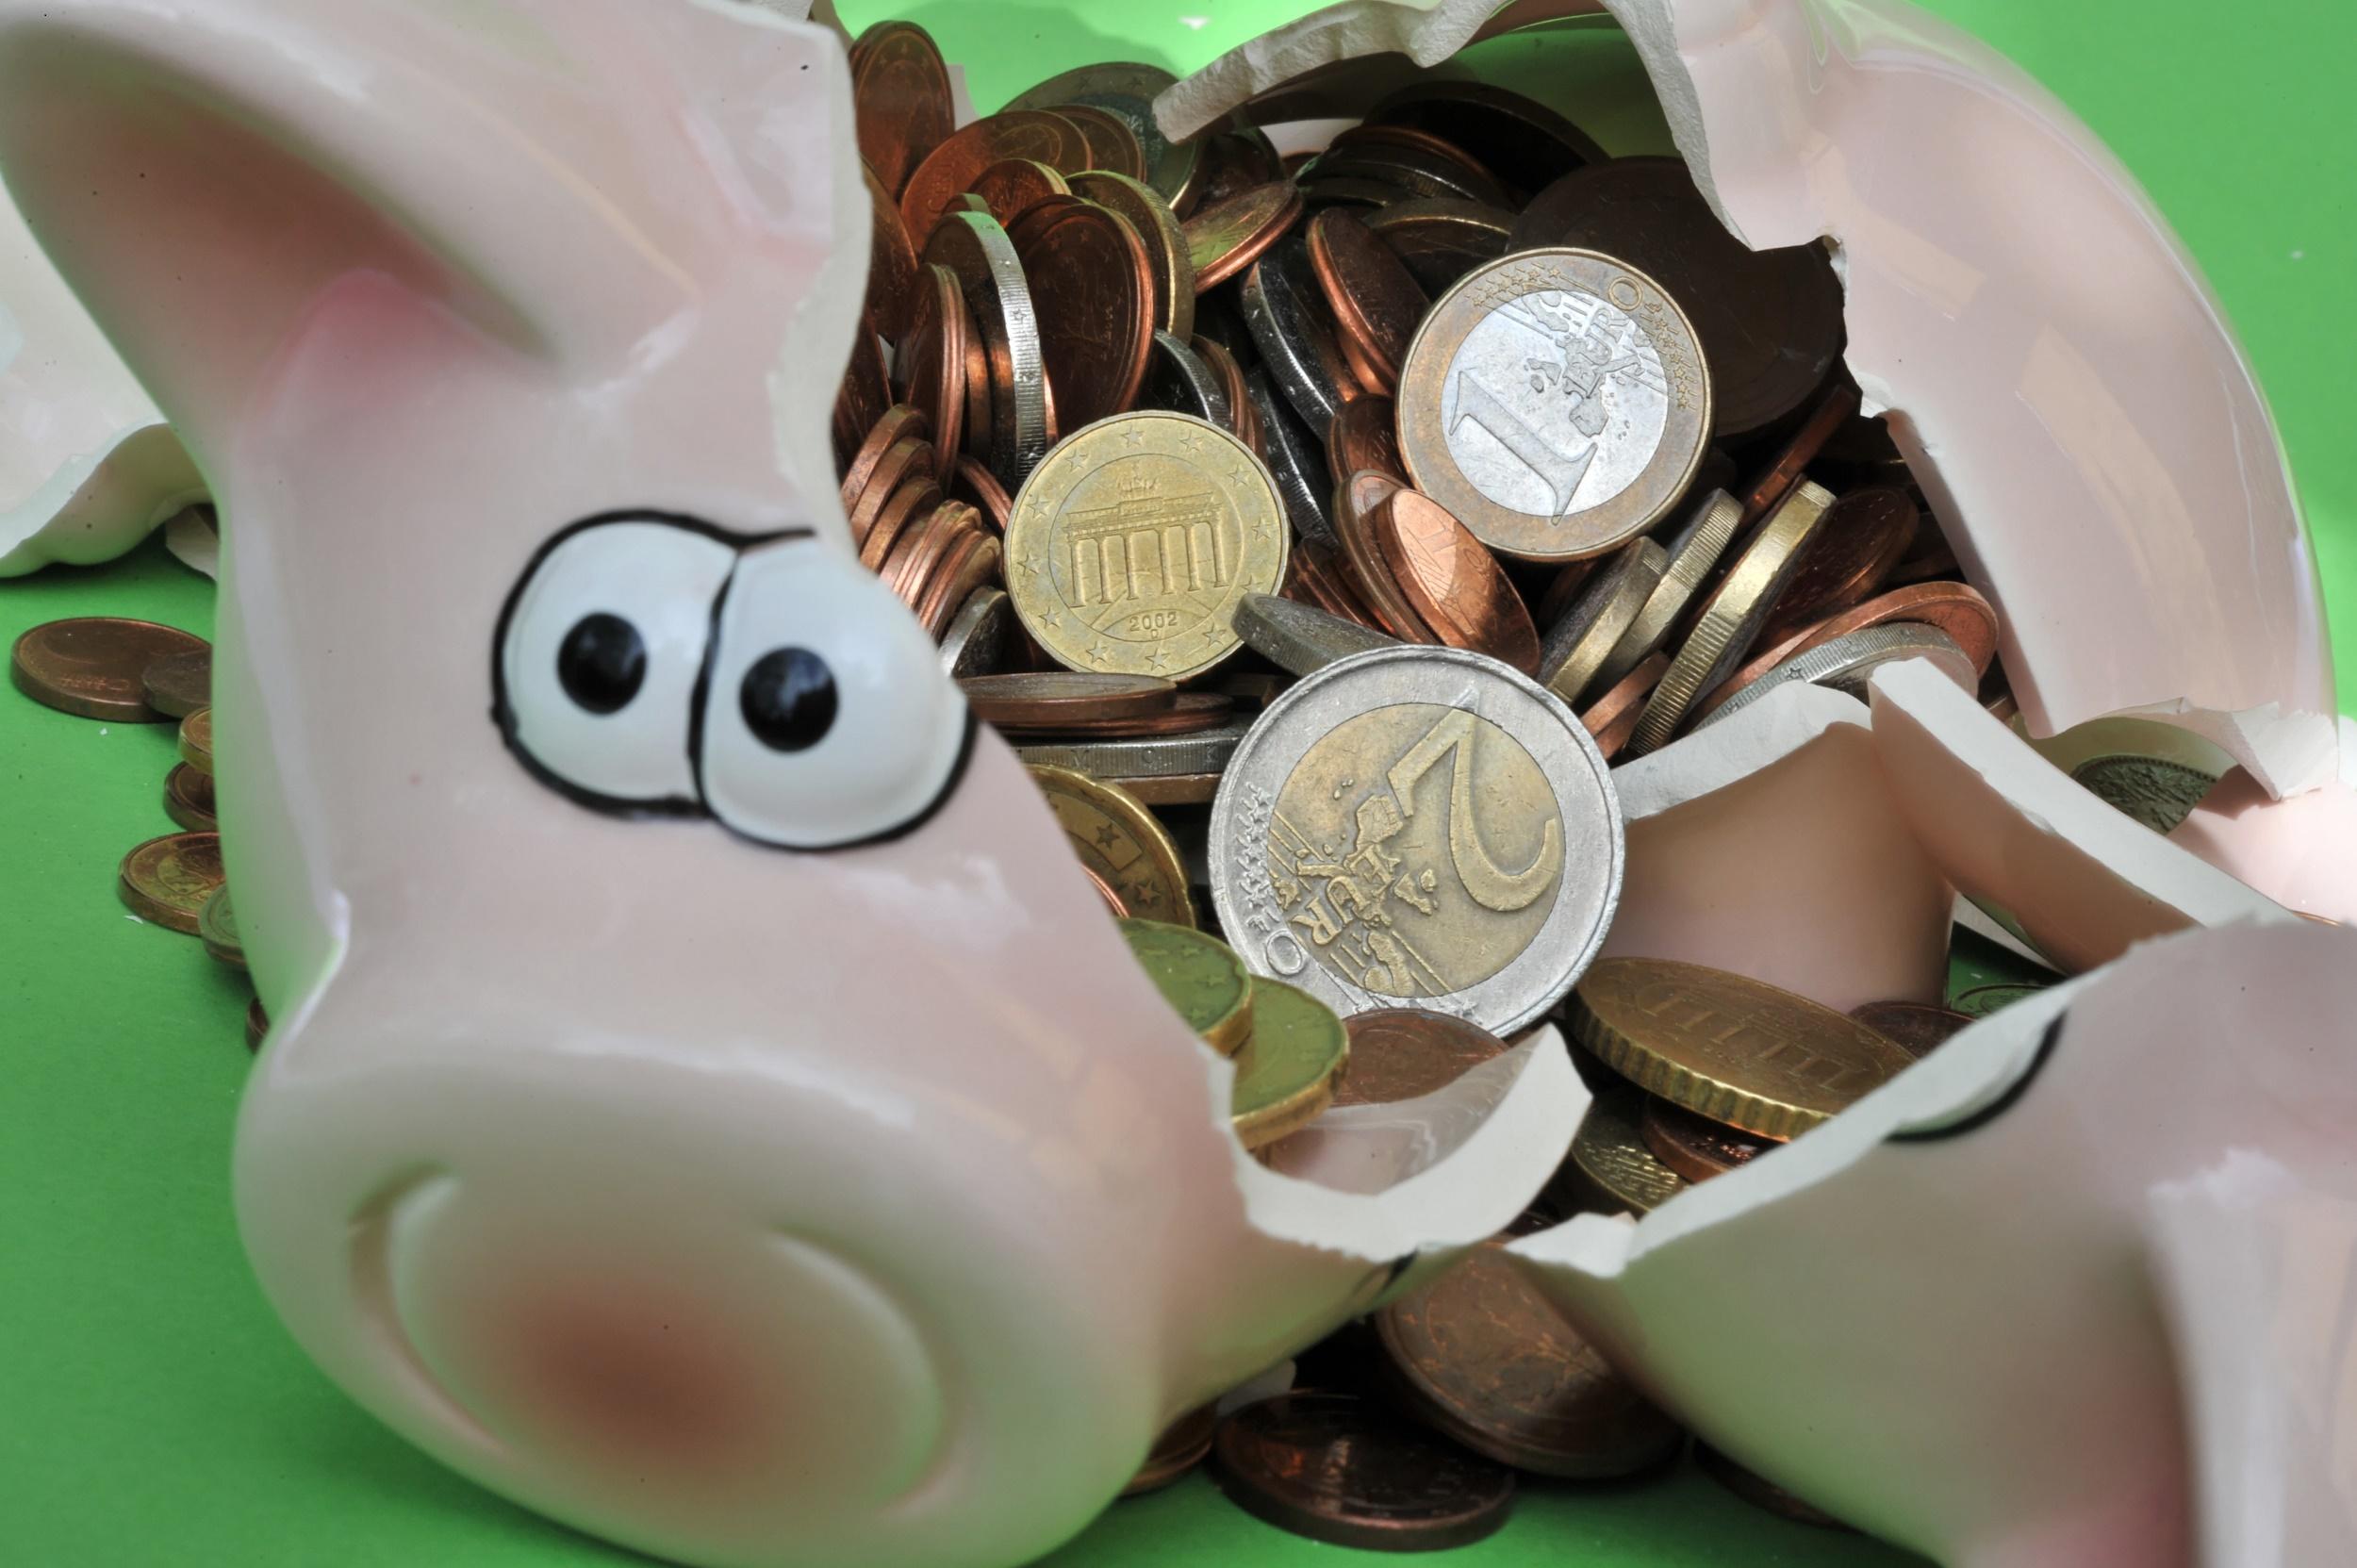 Sparen, investieren oder ausgeben? Bei einer drohenden Rezession stellt sich die Frage, was man mit seinem Geld tun sollte.